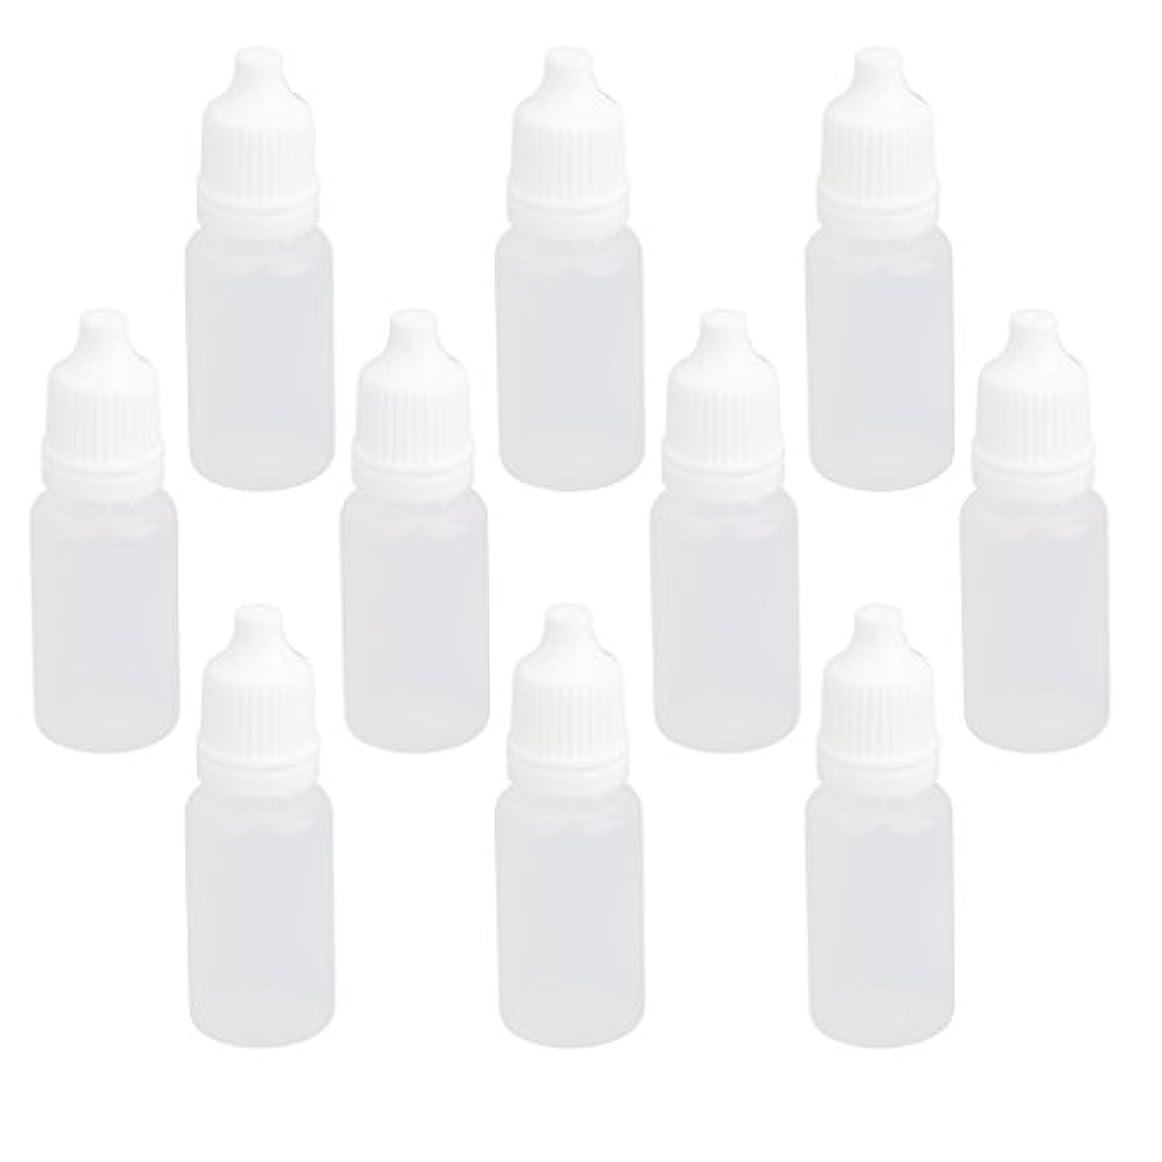 想起高揚したまたは【ノーブランド品】ドロッパーボトル 点眼 液体 貯蔵用 滴瓶 プラスチック製 10個 (10ml)